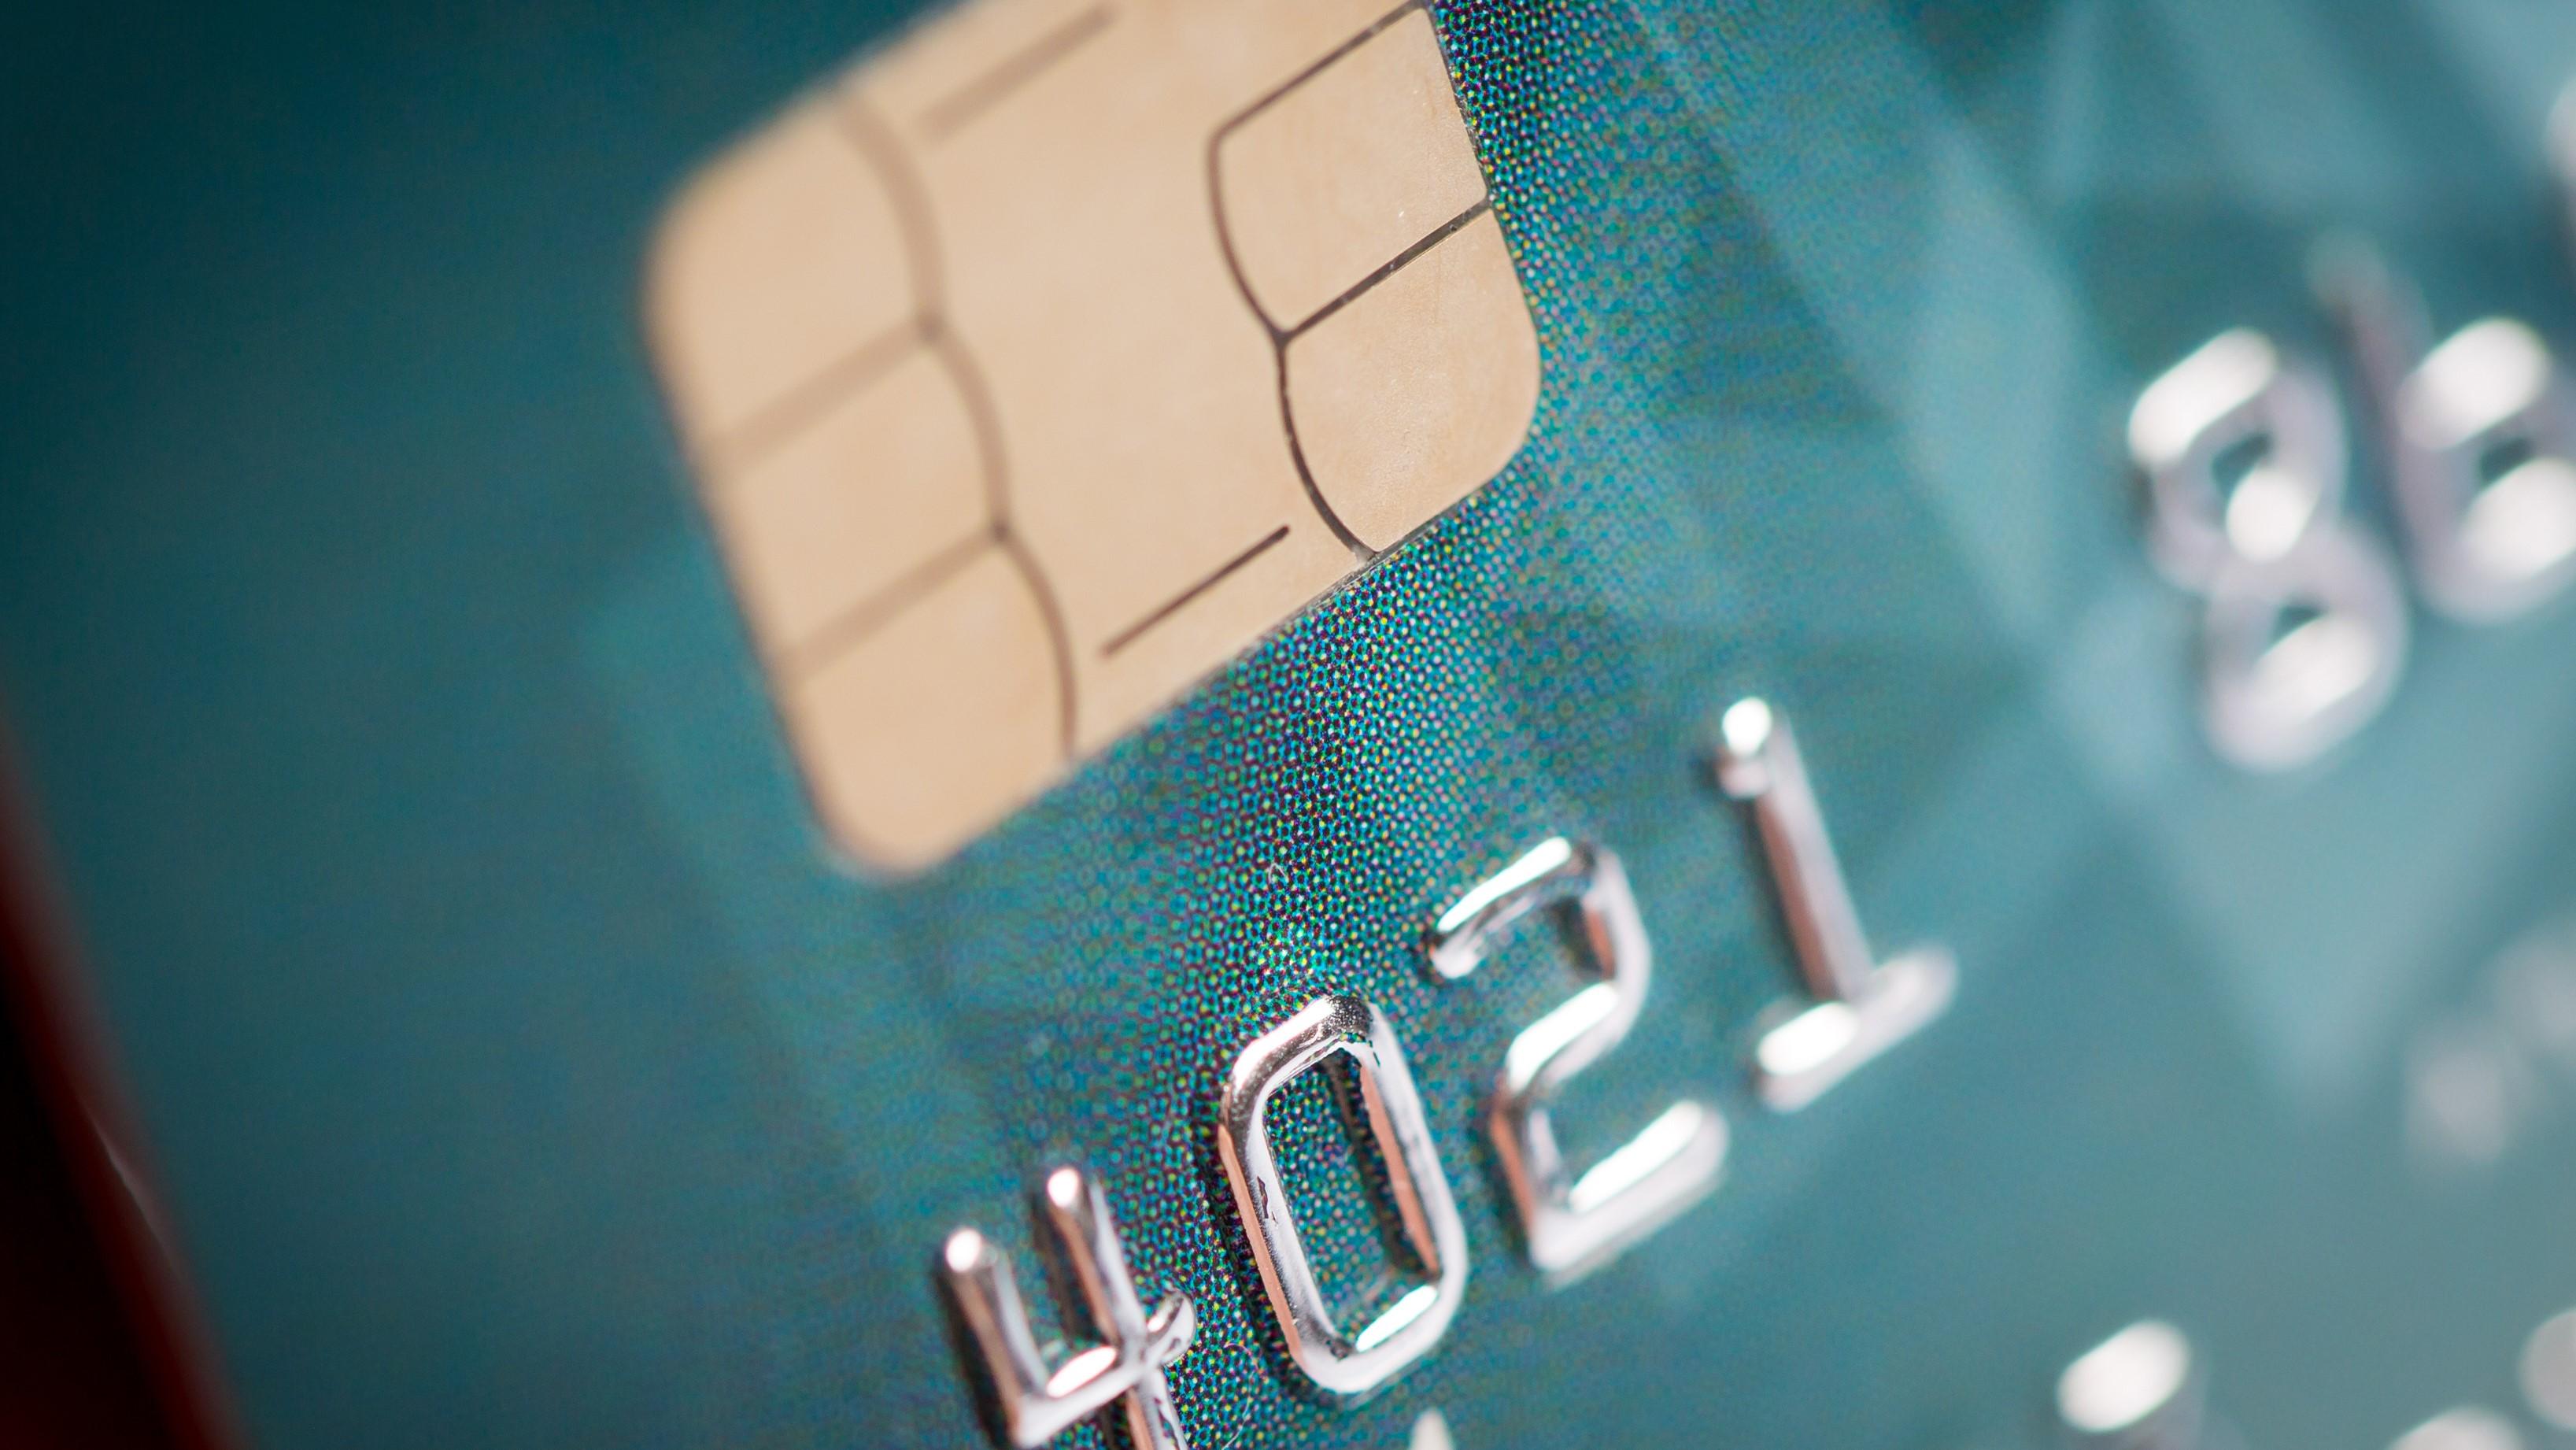 criptomoneda-sistema-pago-contabilidad-distribuida